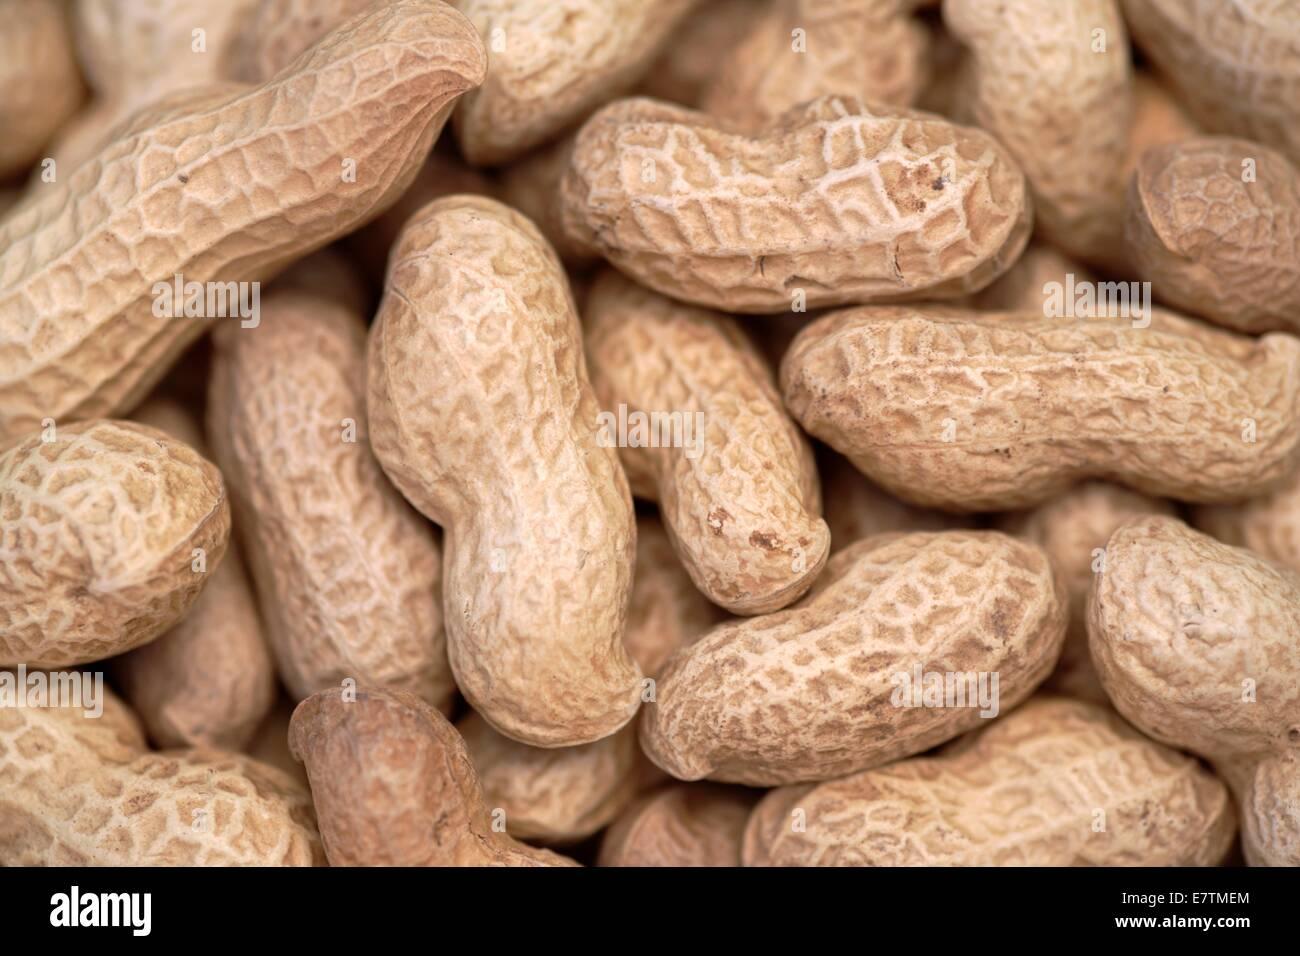 Monkey nuts (Arachis hypogaea). - Stock Image